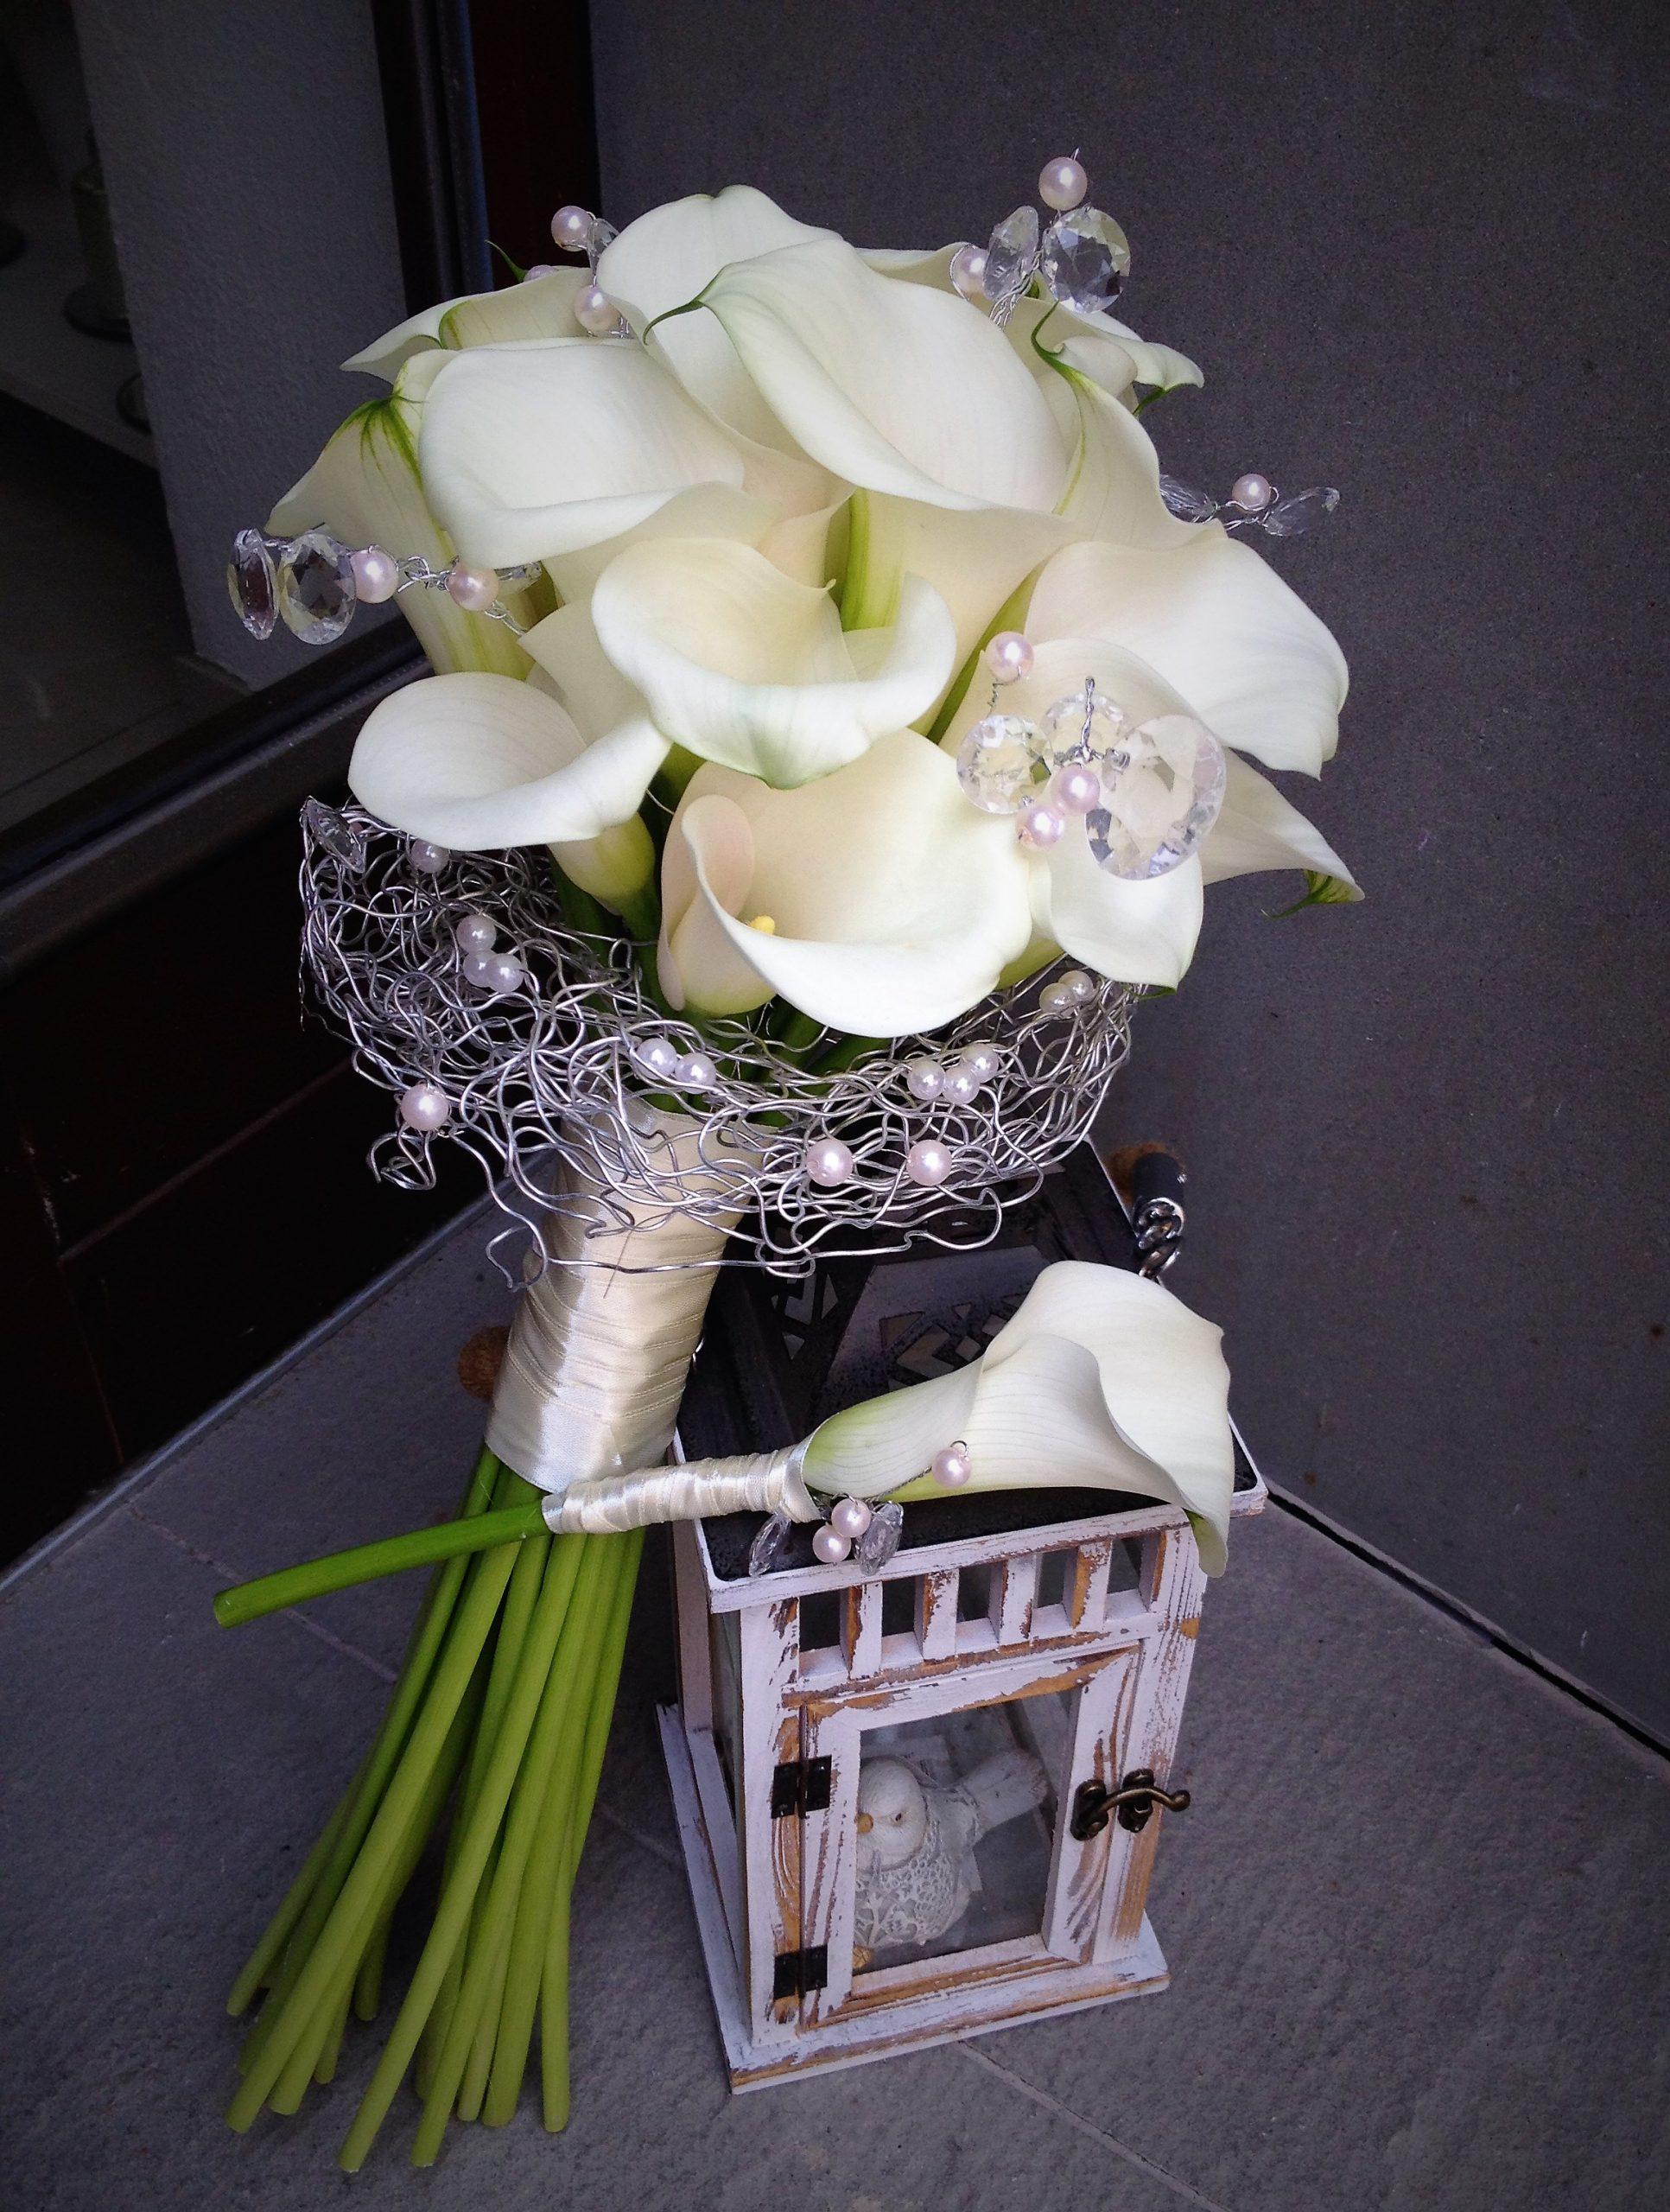 biele kaly ako svadobná kytica,doplnené bielymi perlami a diamantami